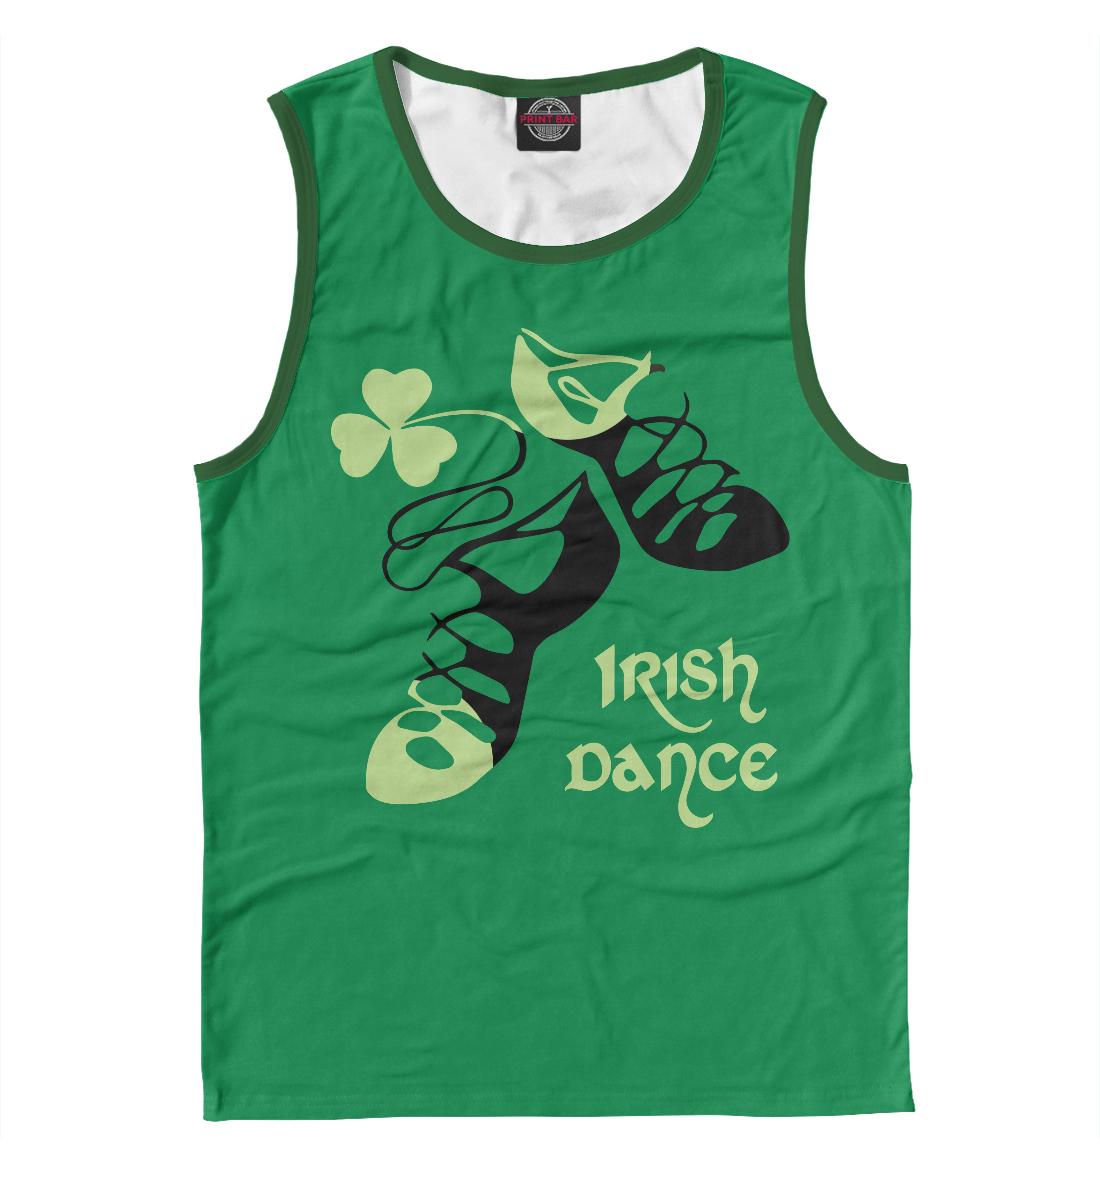 Ireland, Irish dance 3ftx5ft guinness ireland irish flag sign